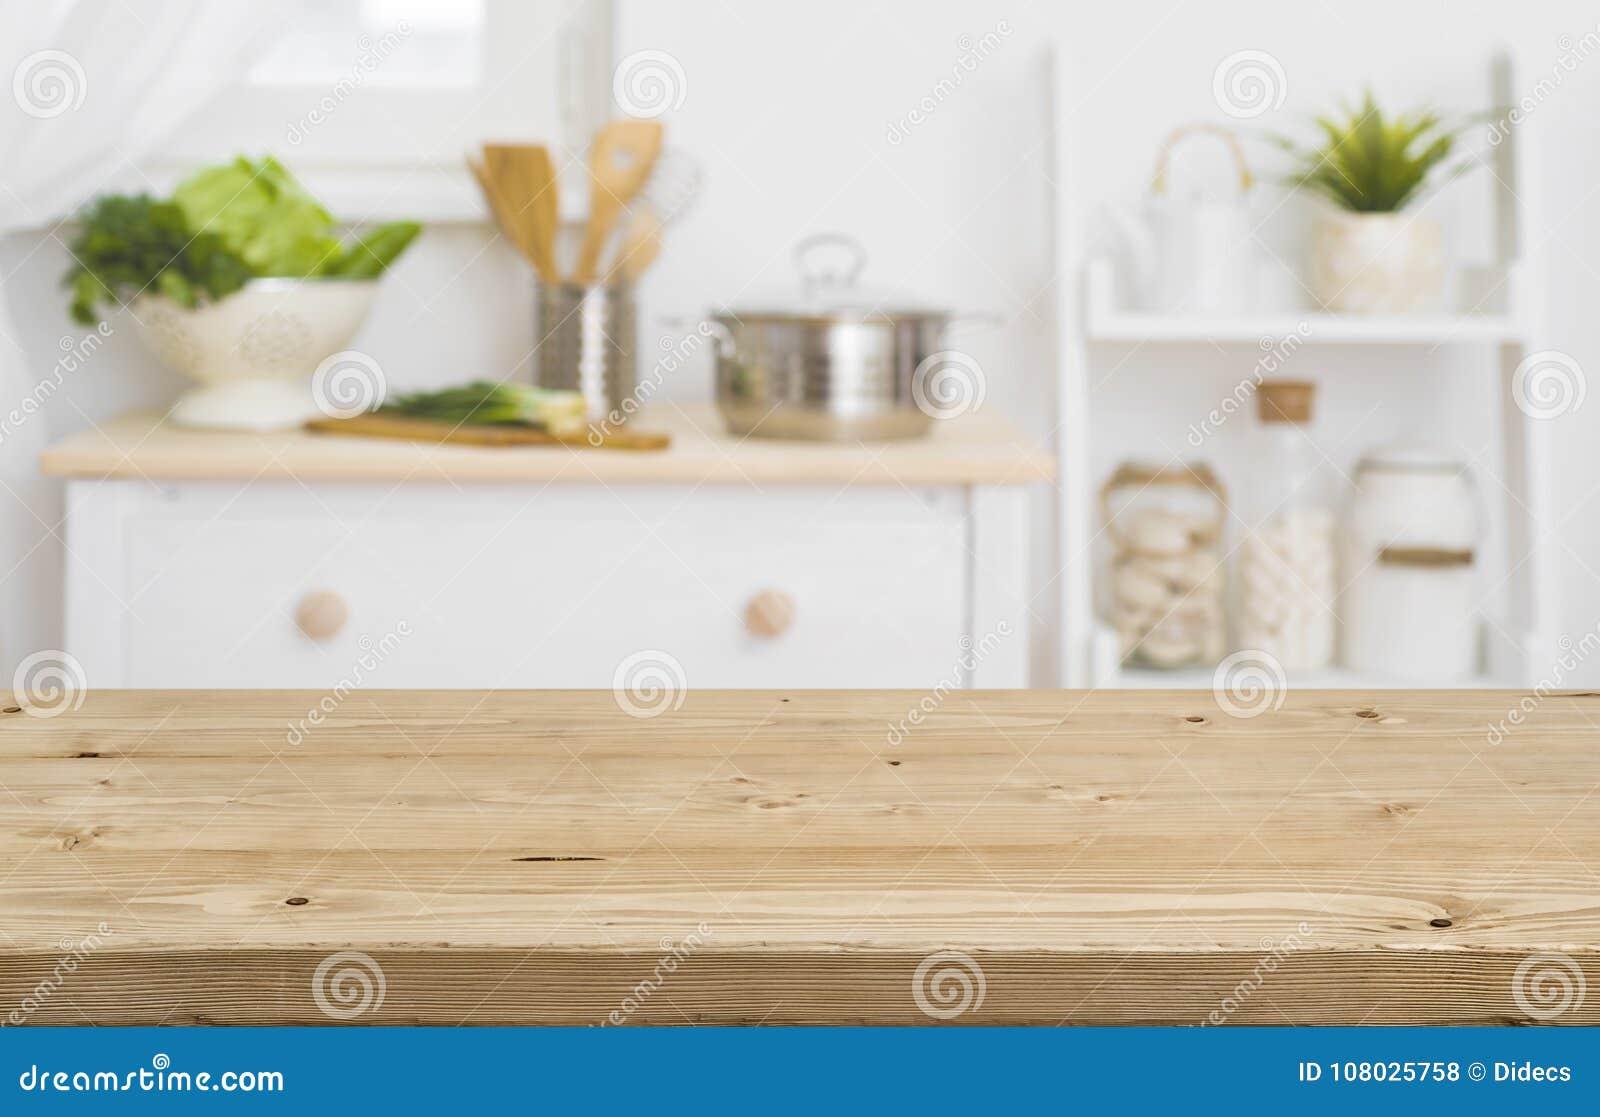 Επιτραπέζια κορυφή με τα θολωμένα έπιπλα κουζινών ως υπόβαθρο